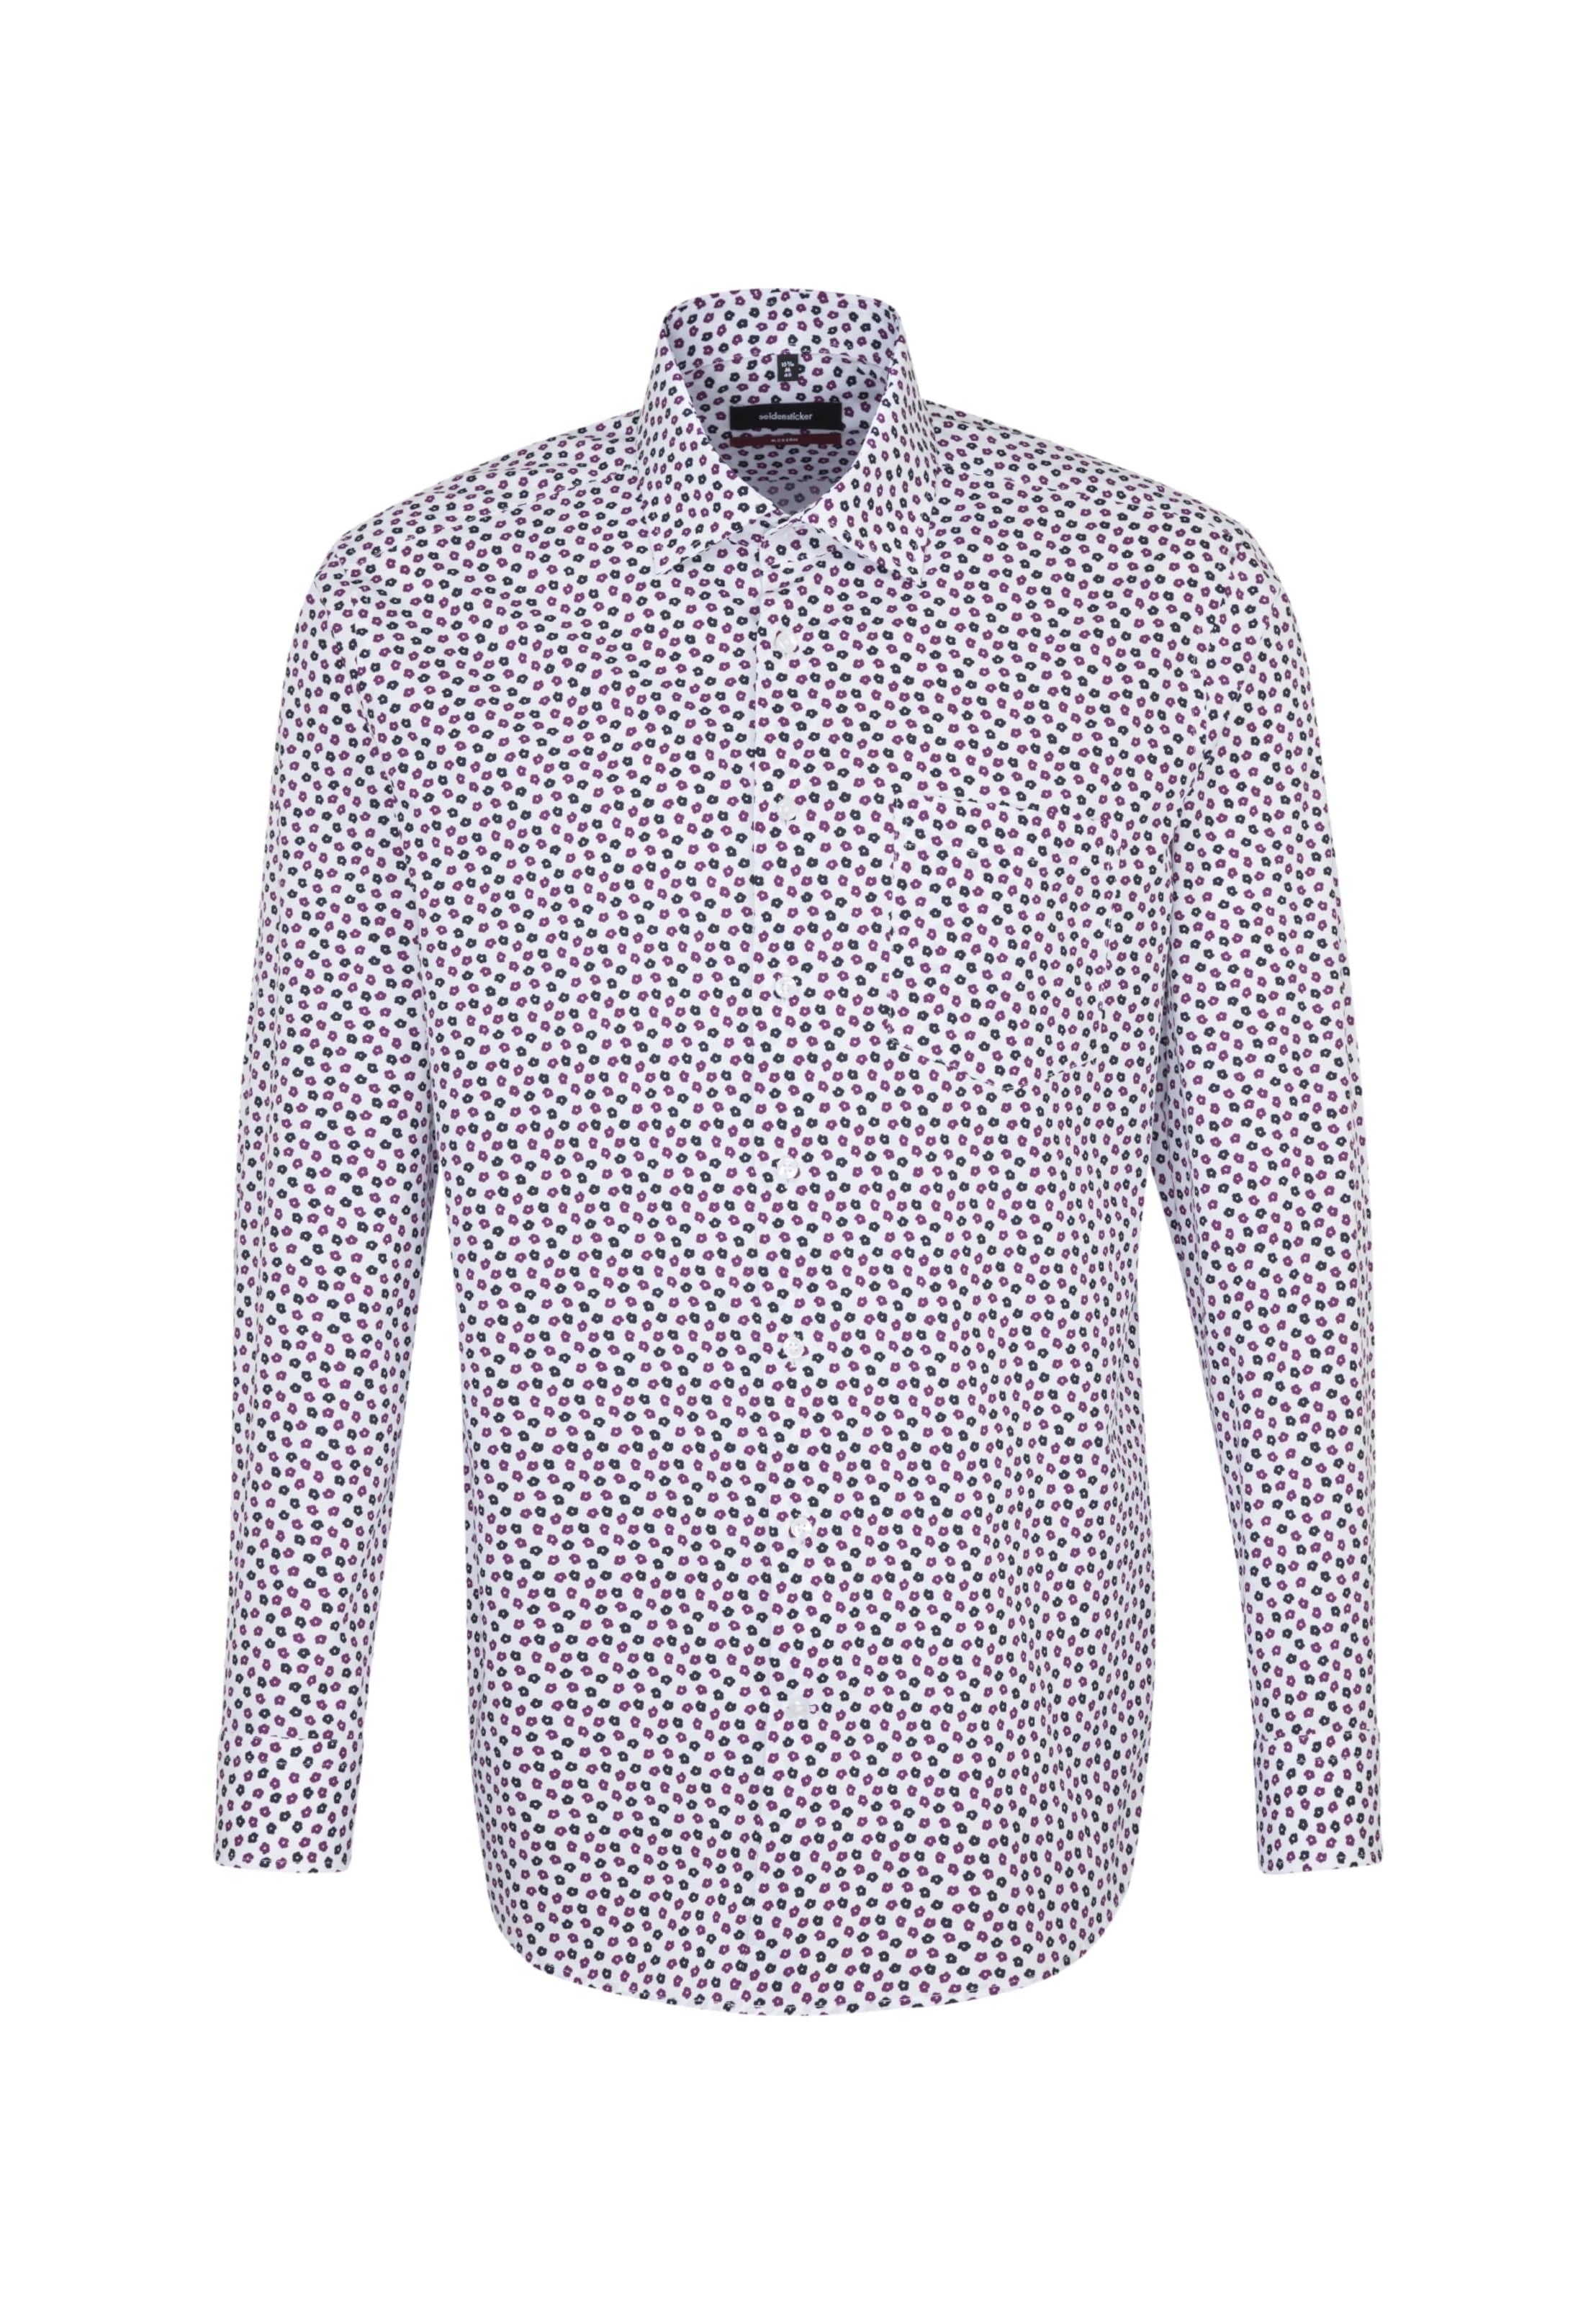 Seidensticker Hemd 'modern' In Weiß BlauLila bYWDeE2IH9